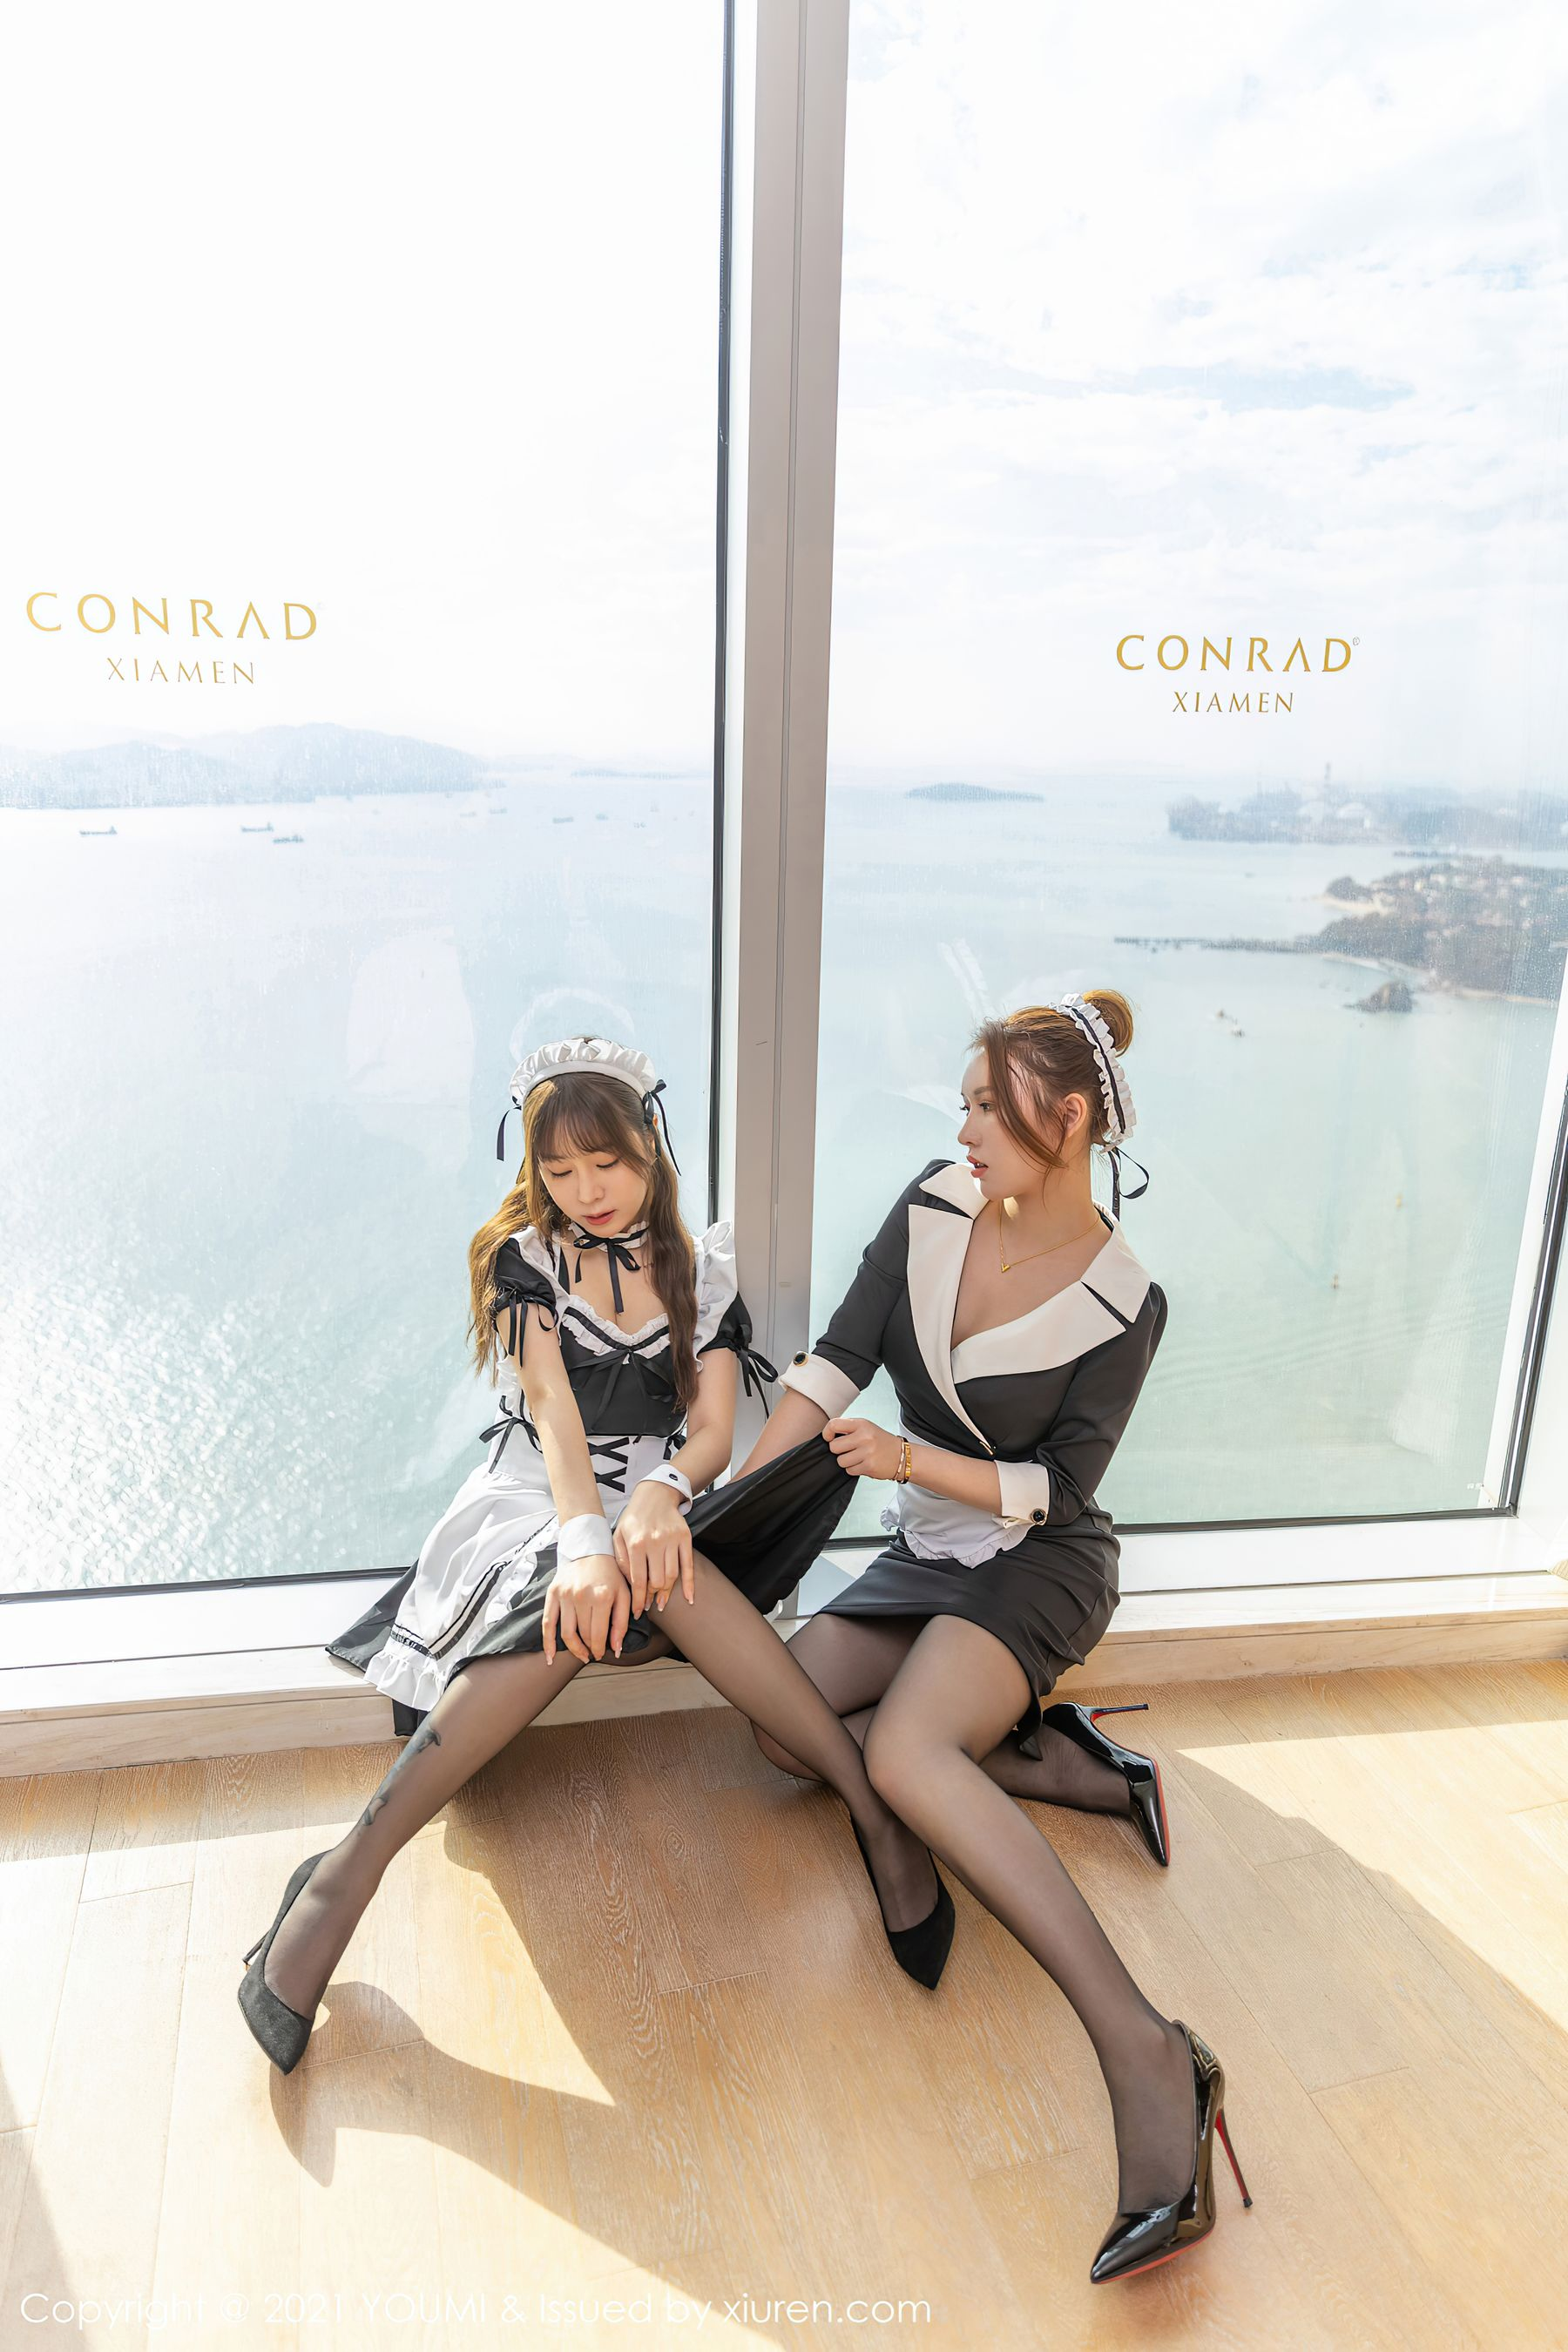 VOL.524 [尤蜜荟]女仆黑丝制服情趣制服:王雨纯超高清写真套图(88P)